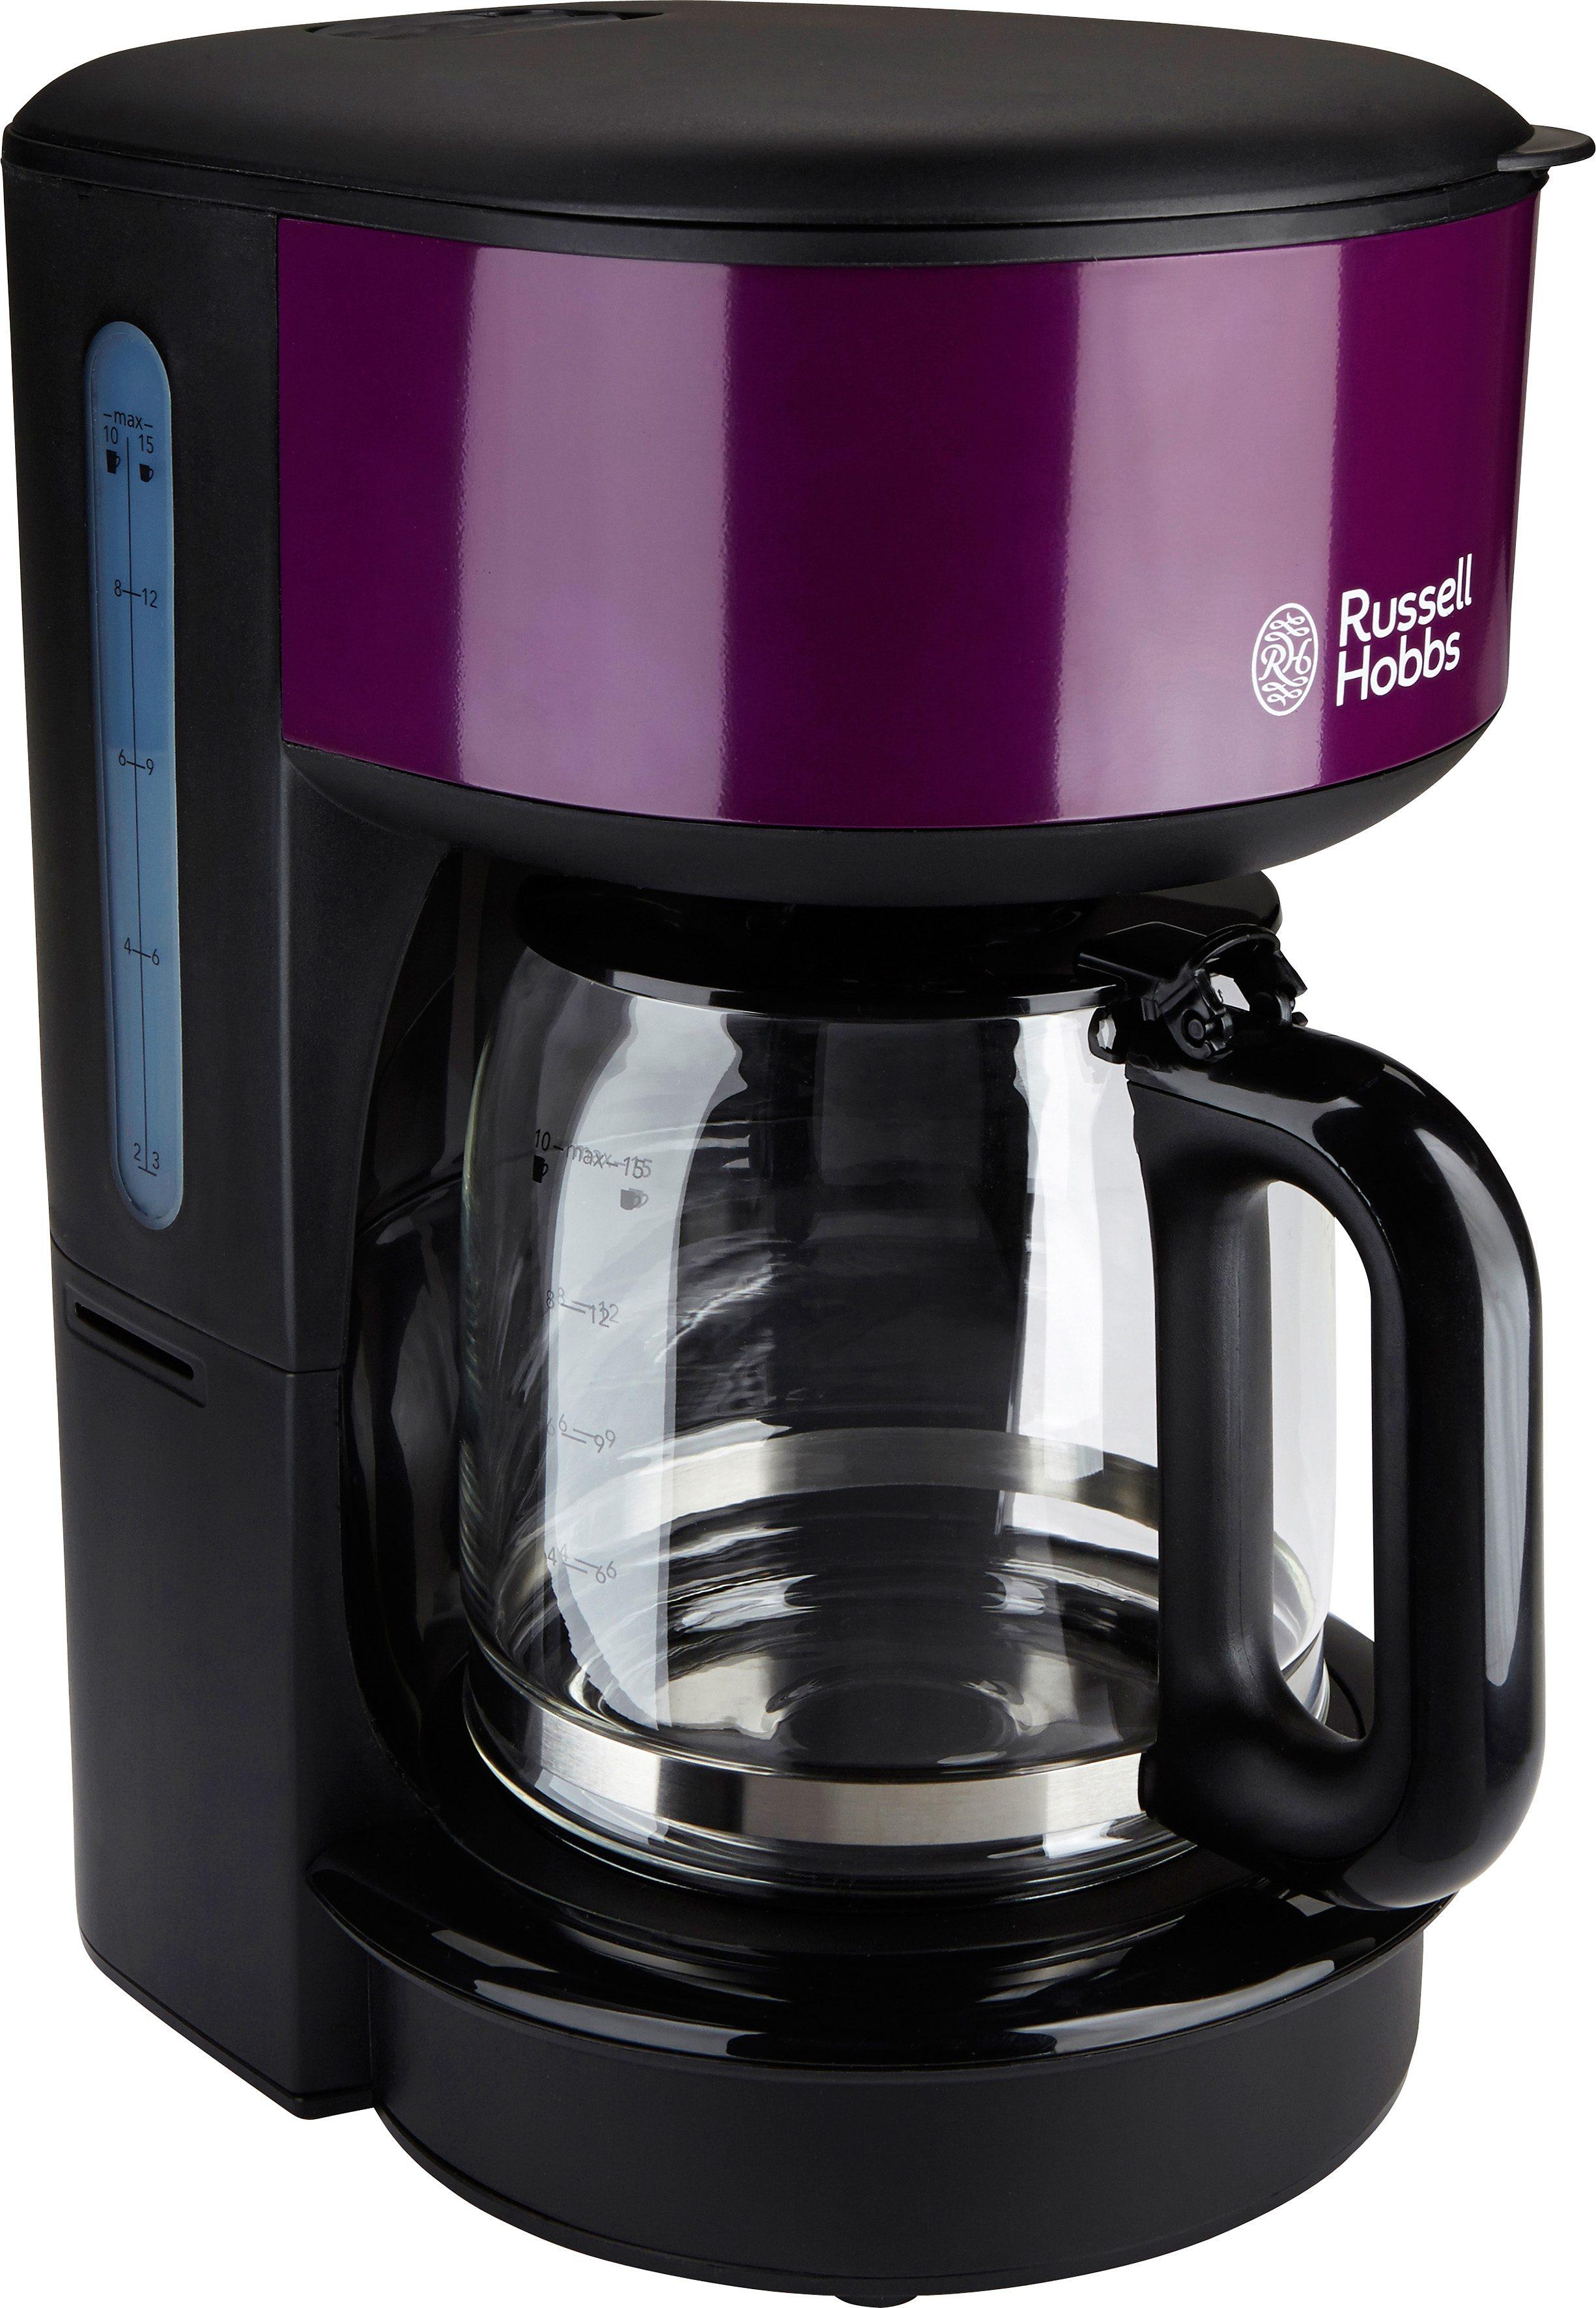 Russell Hobbs Kaffeemaschine 20133-56 Purple Passion, Brausekopf-Technologie und Schnellheizsystem